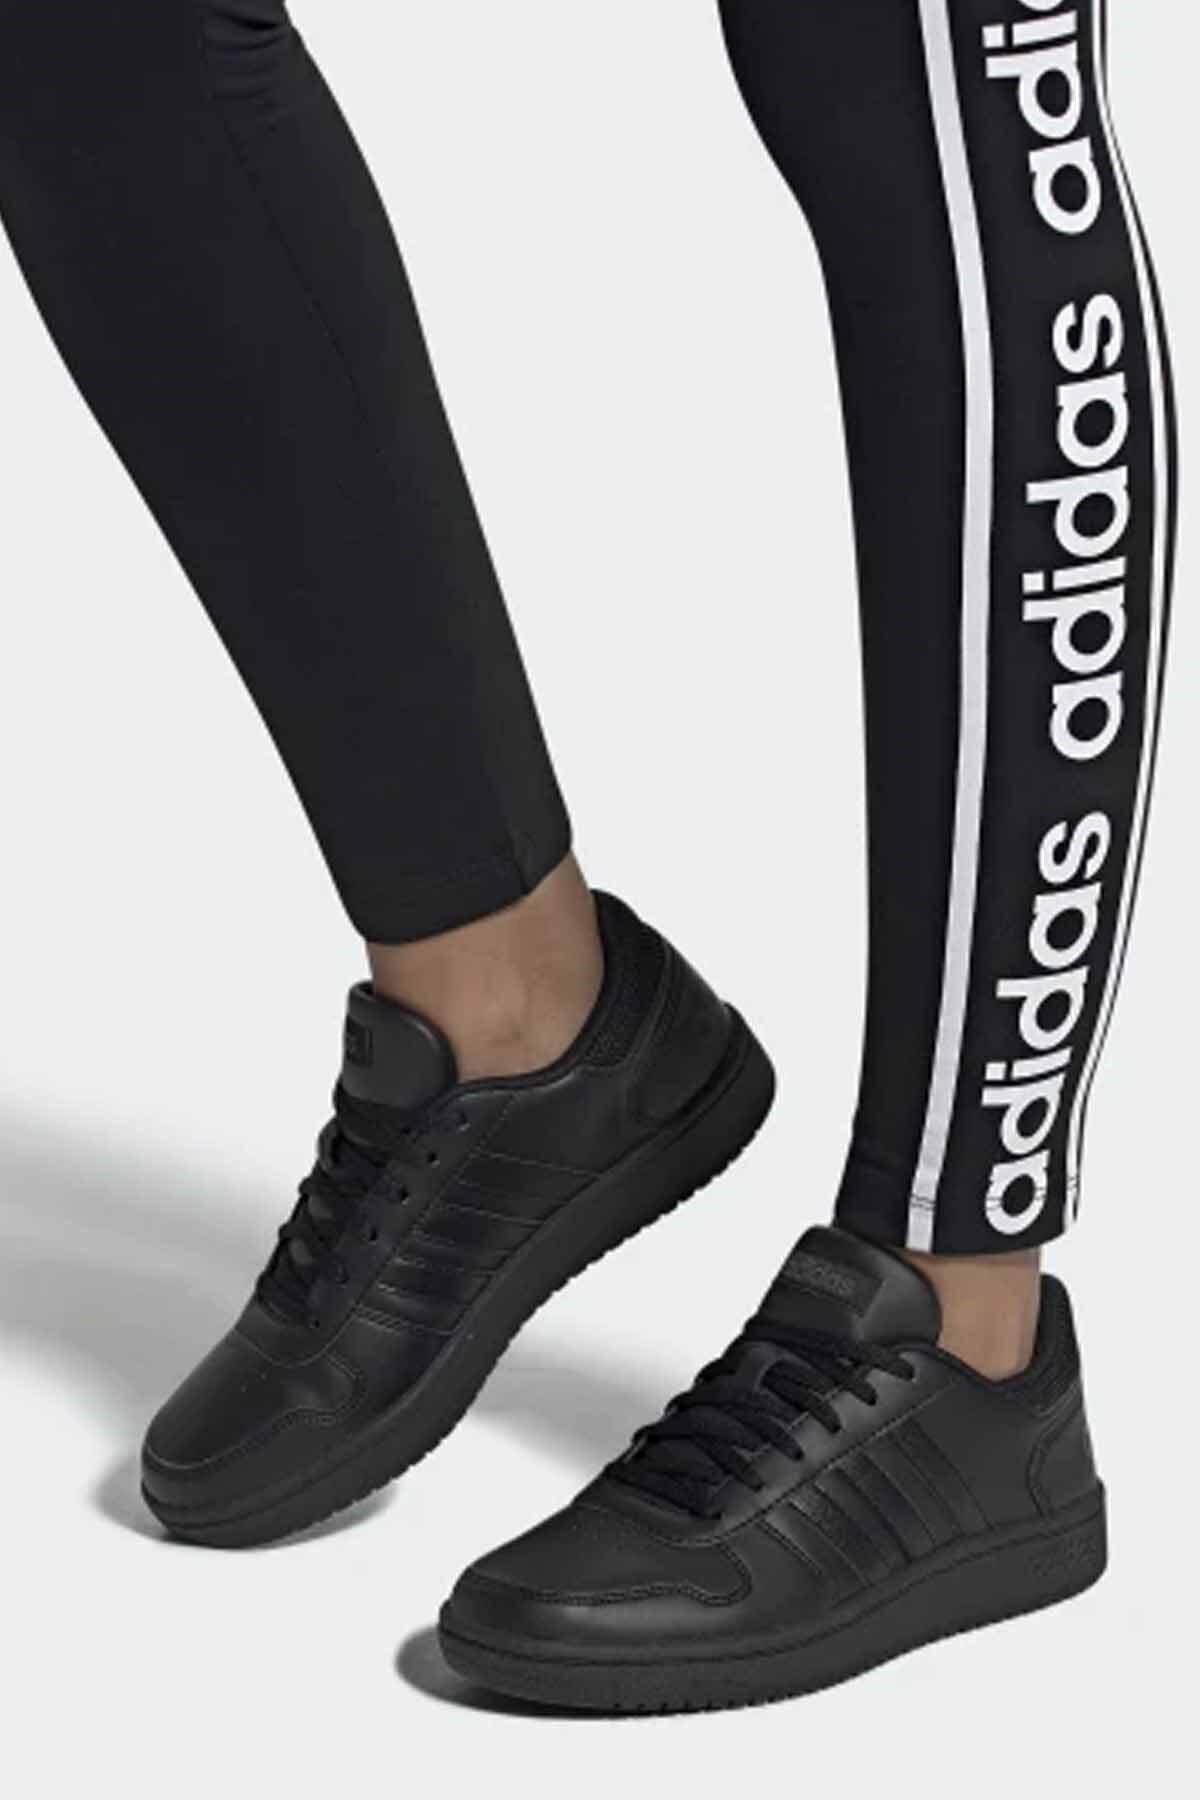 adidas Kadın Siyah Spor Ayakkabı 1